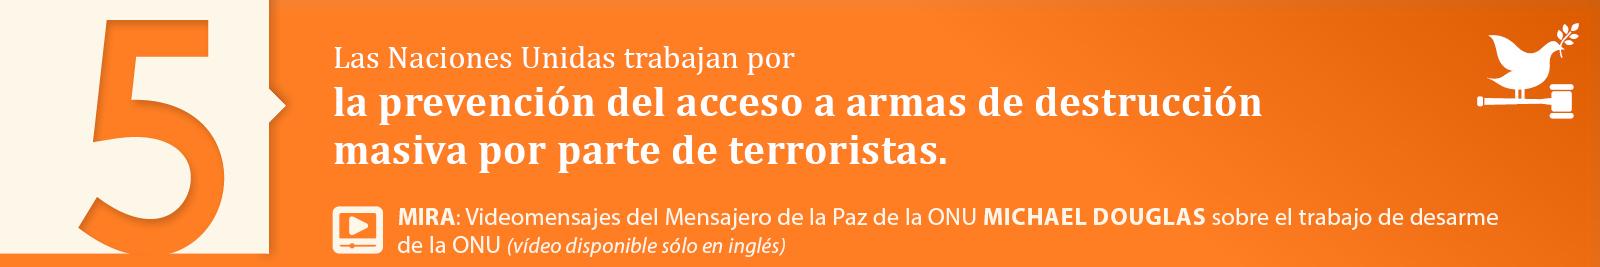 5. La prevención del acceso a armas de destrucción masiva por parte de terroristas.